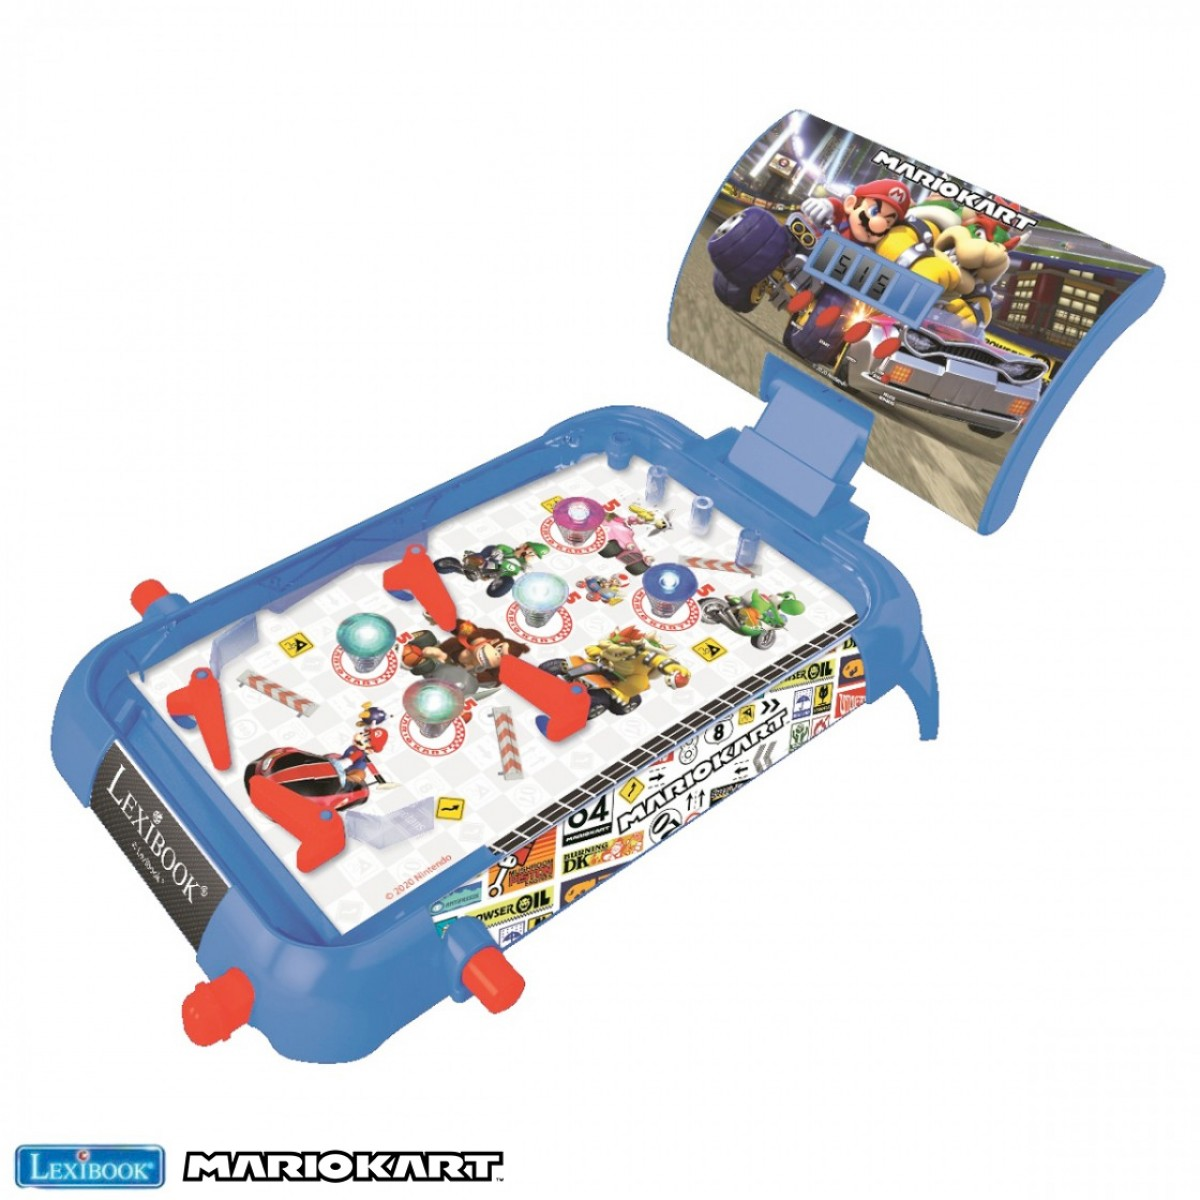 Mario Kart Flipper elettronico da tavolo, gioco d'azione e riflesso per bambini e famiglie